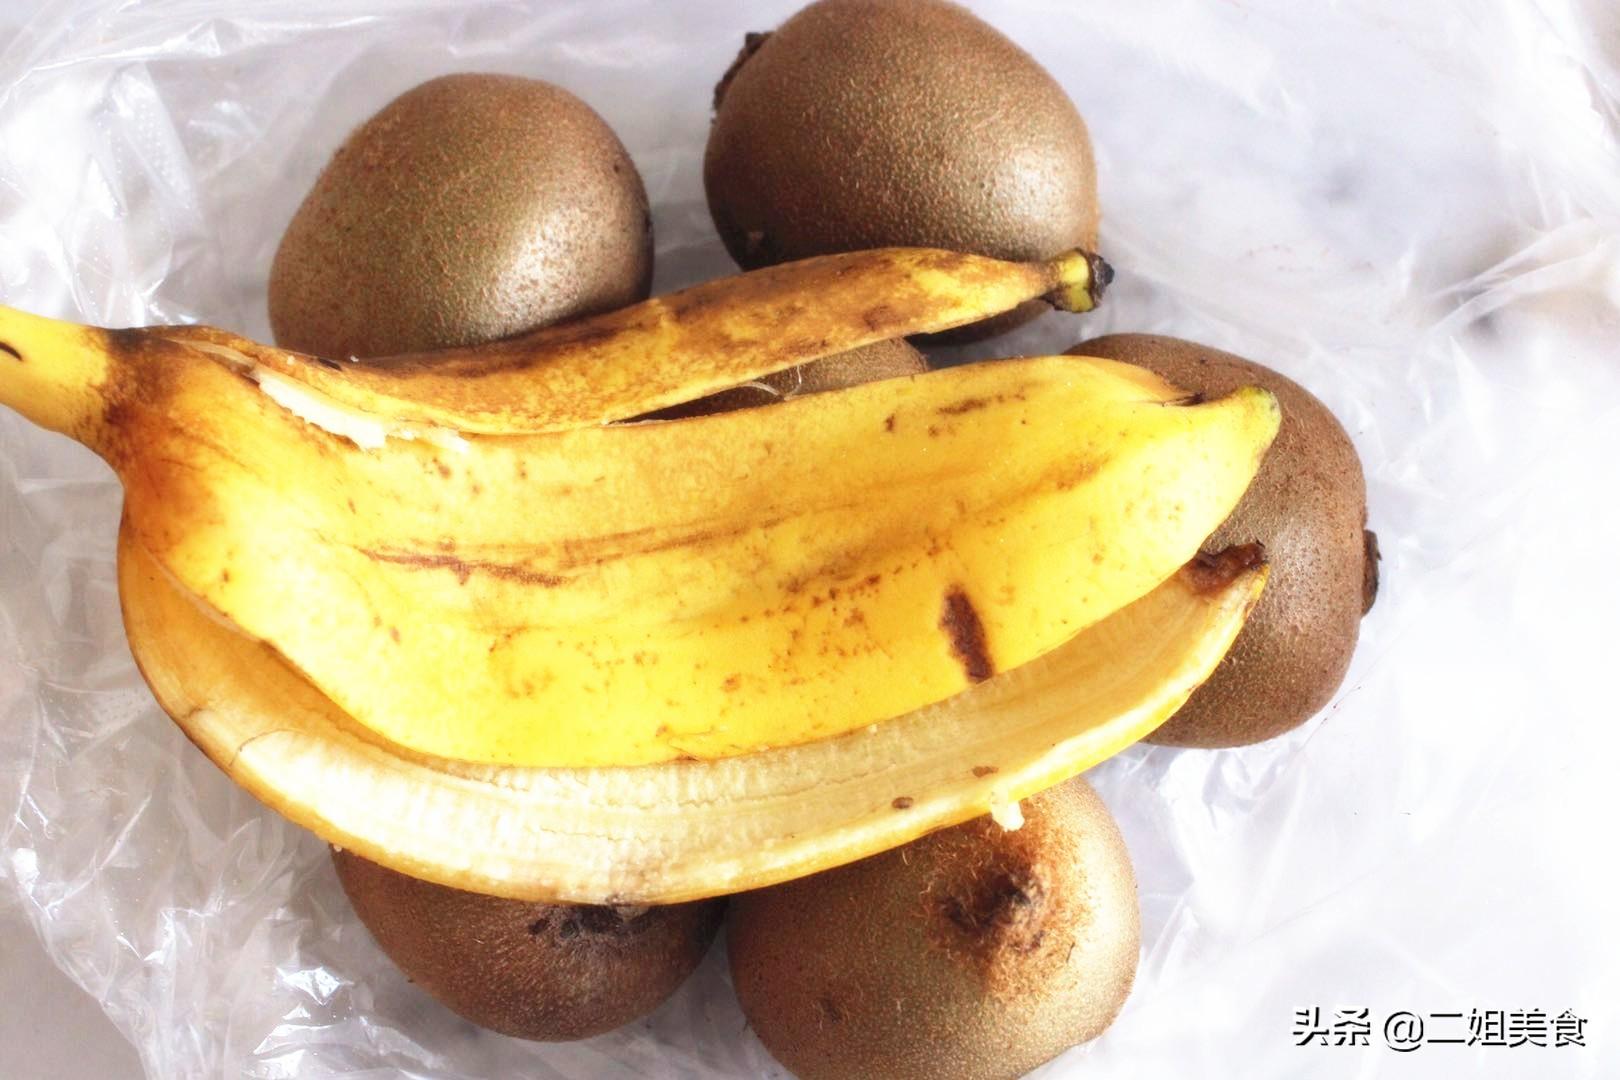 香蕉皮是好寶貝,別再扔掉了,教您香蕉皮的3個用法,簡單實用